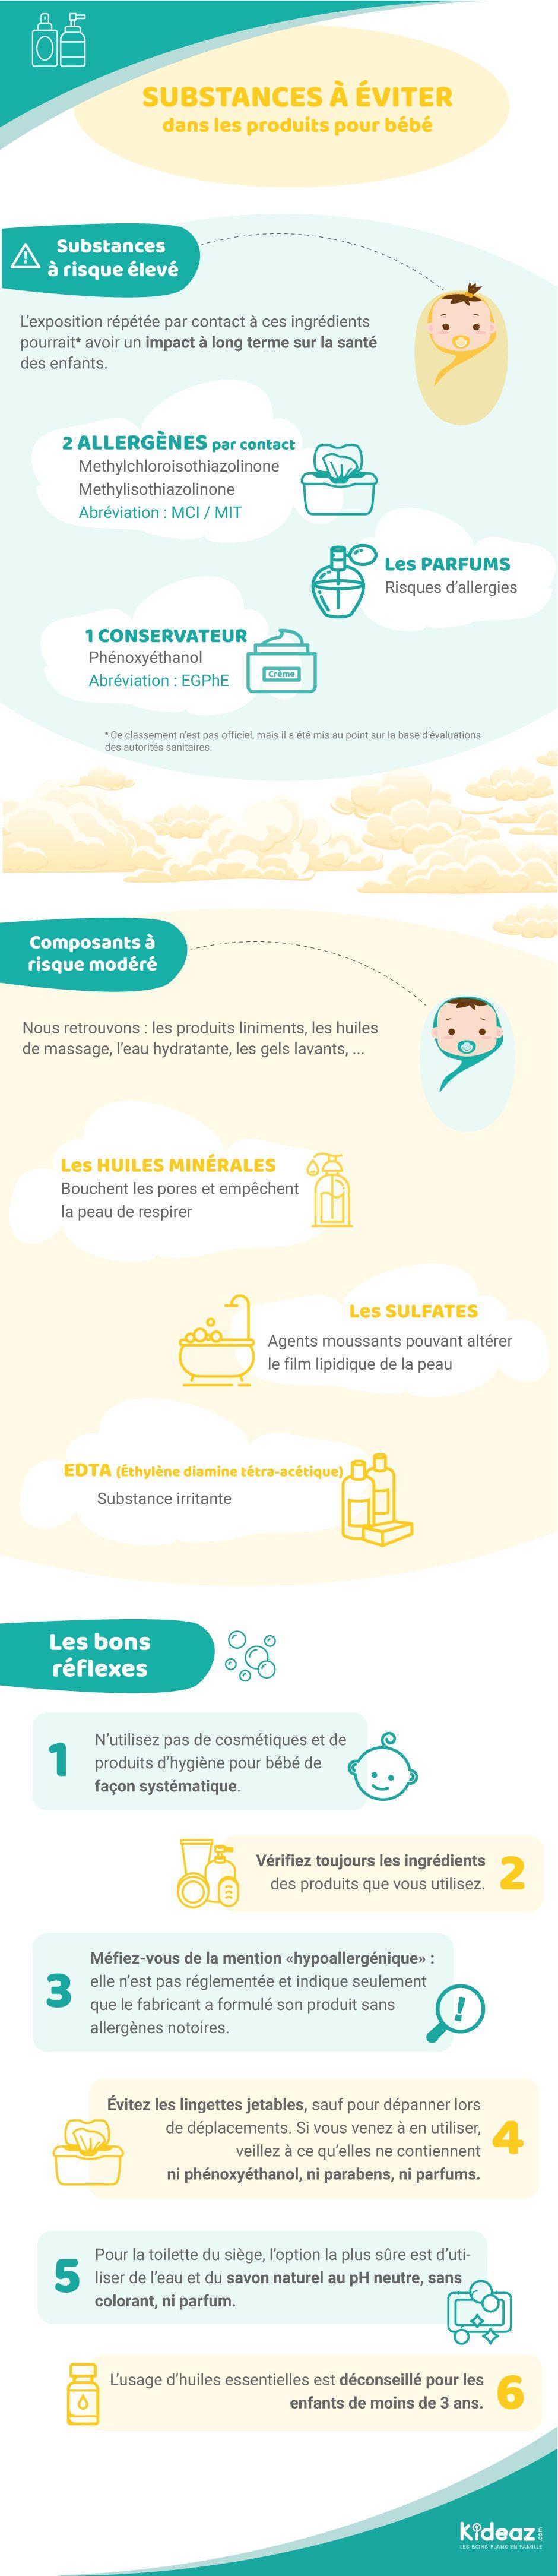 kideaz-Infographie-substances-toxiques-2019